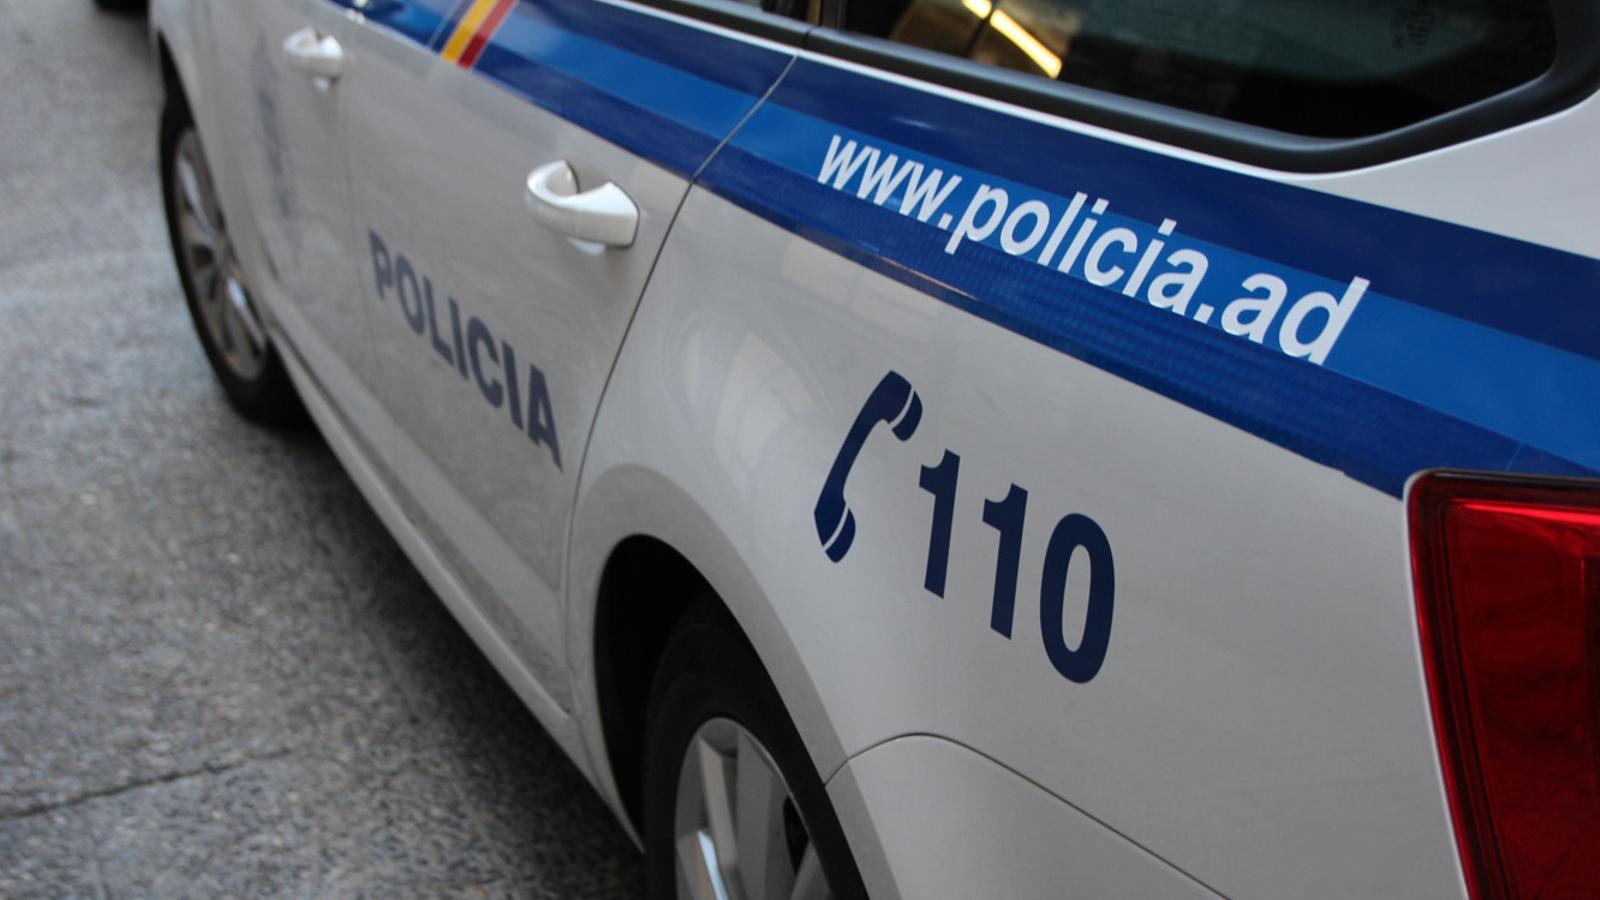 Un vehicle de la policia. / ARXIU ANA